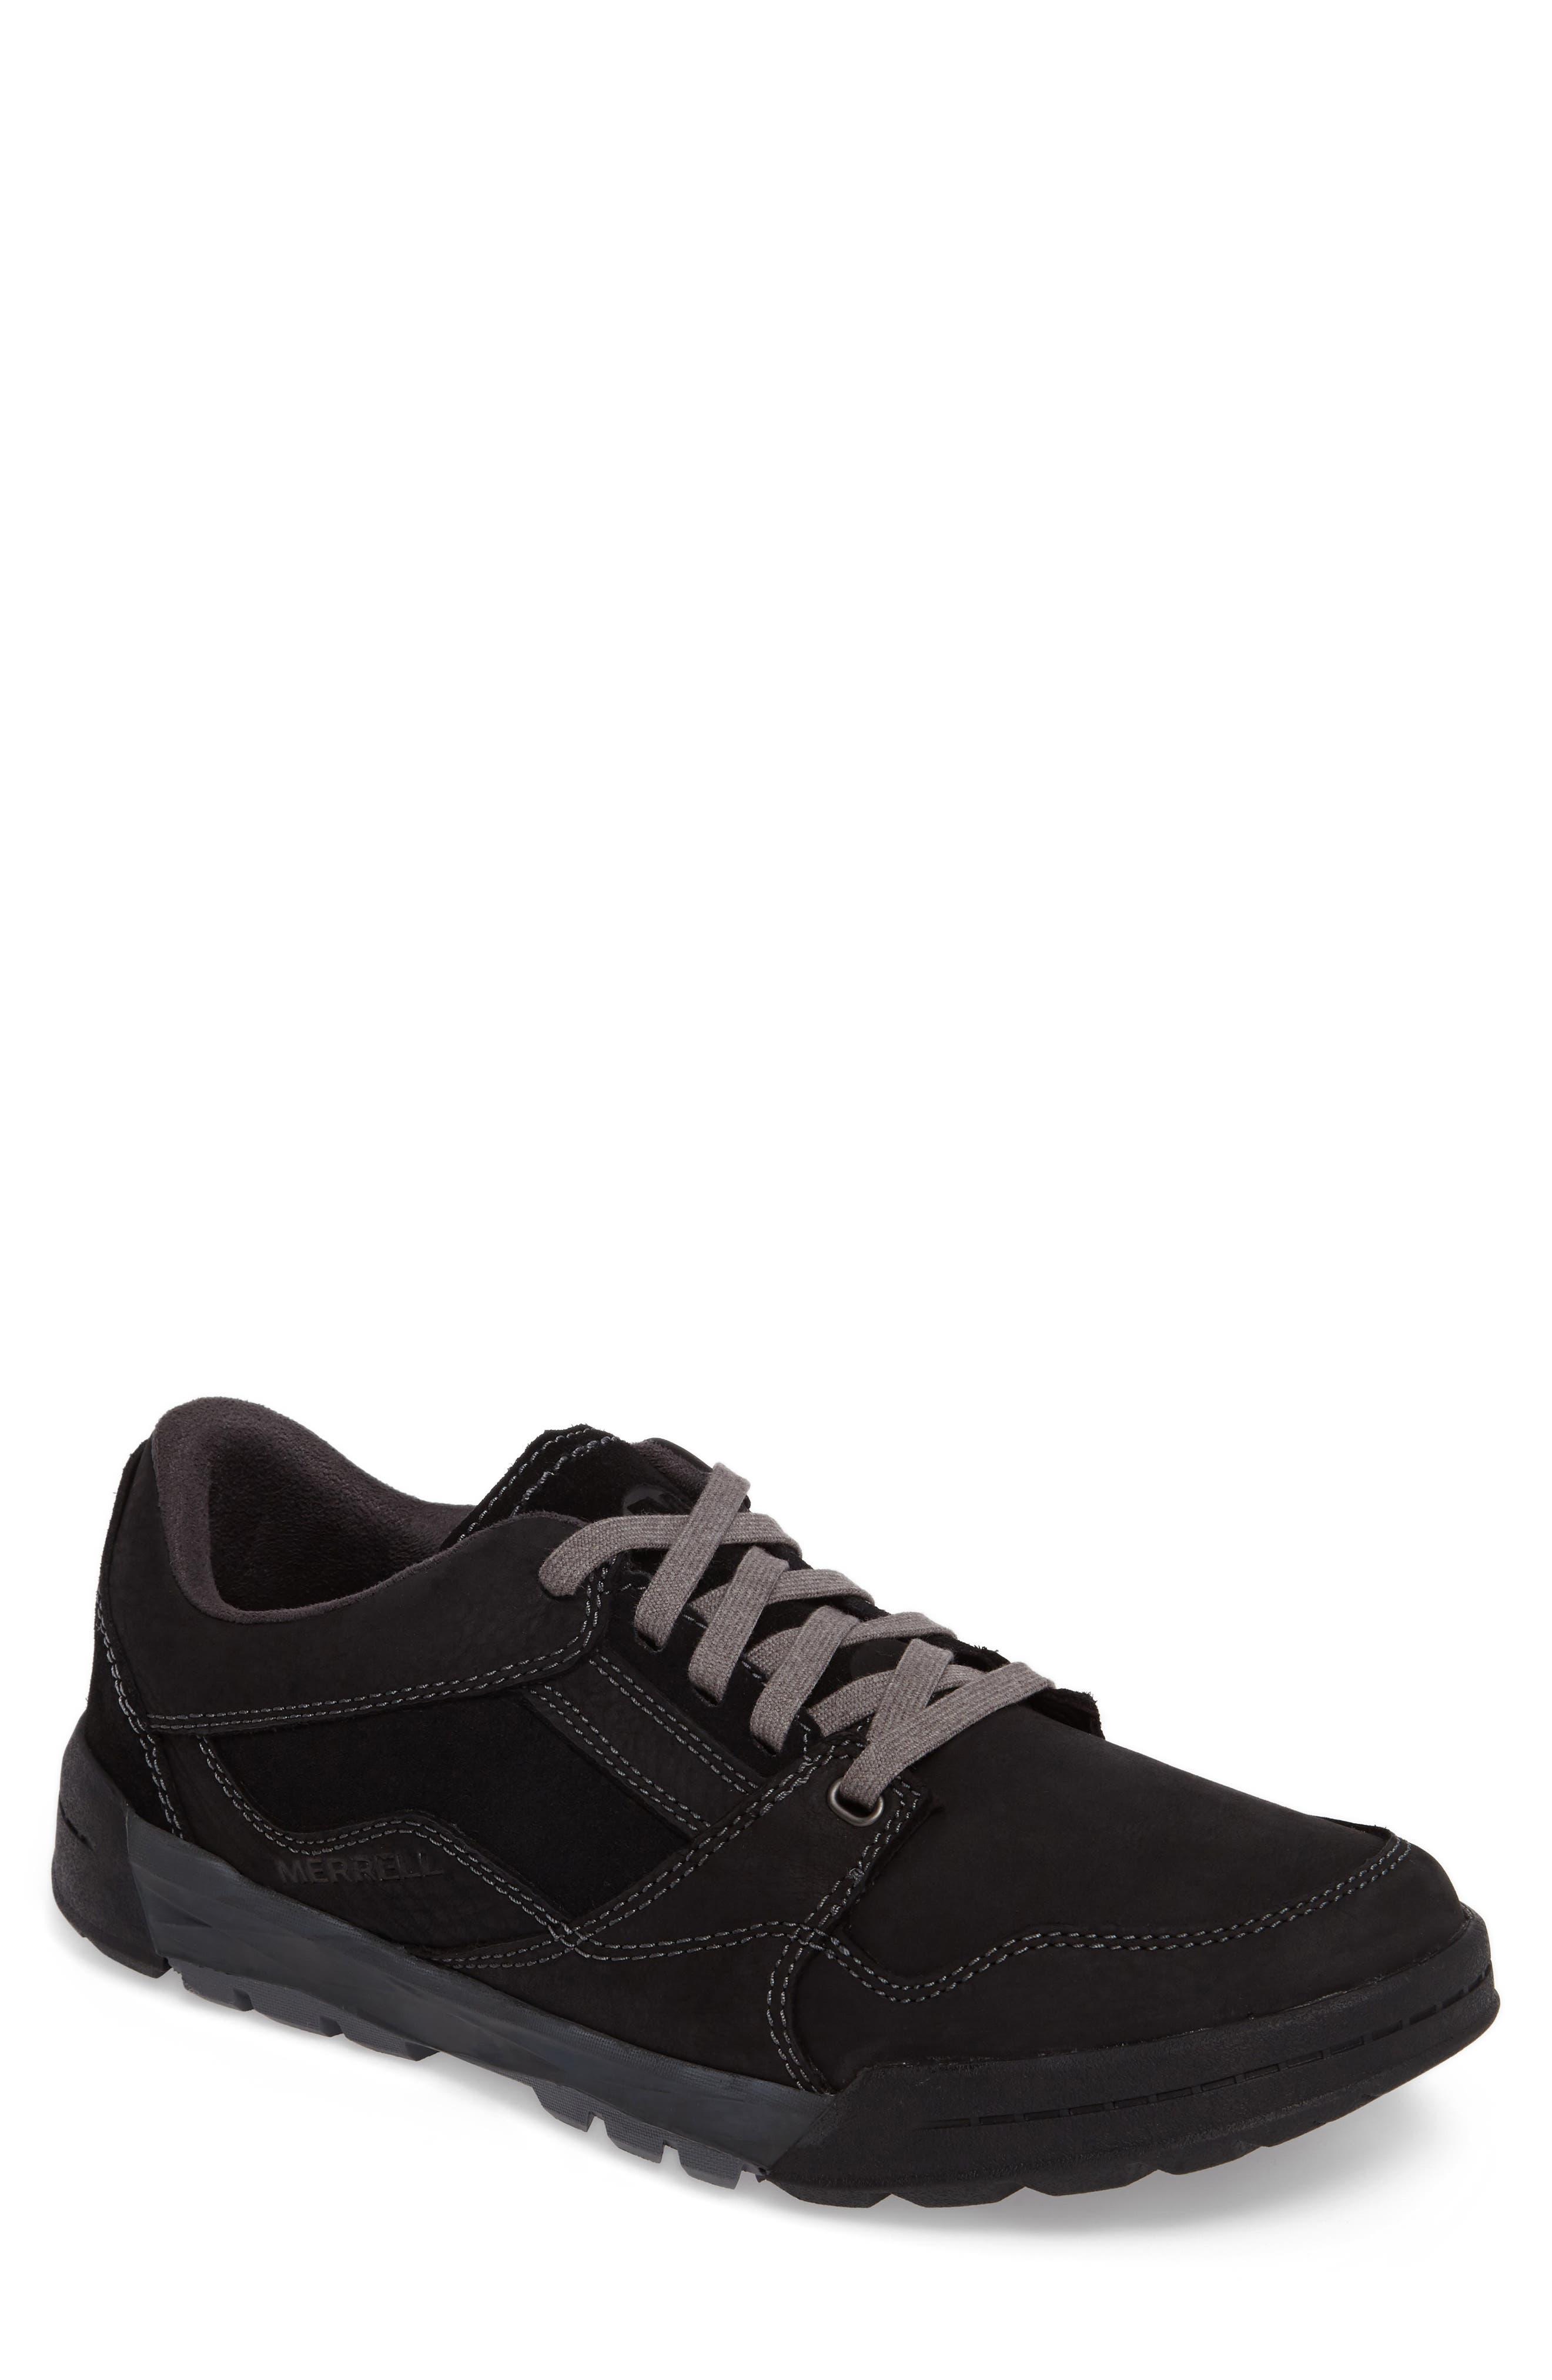 Berner Sneaker,                         Main,                         color, 001